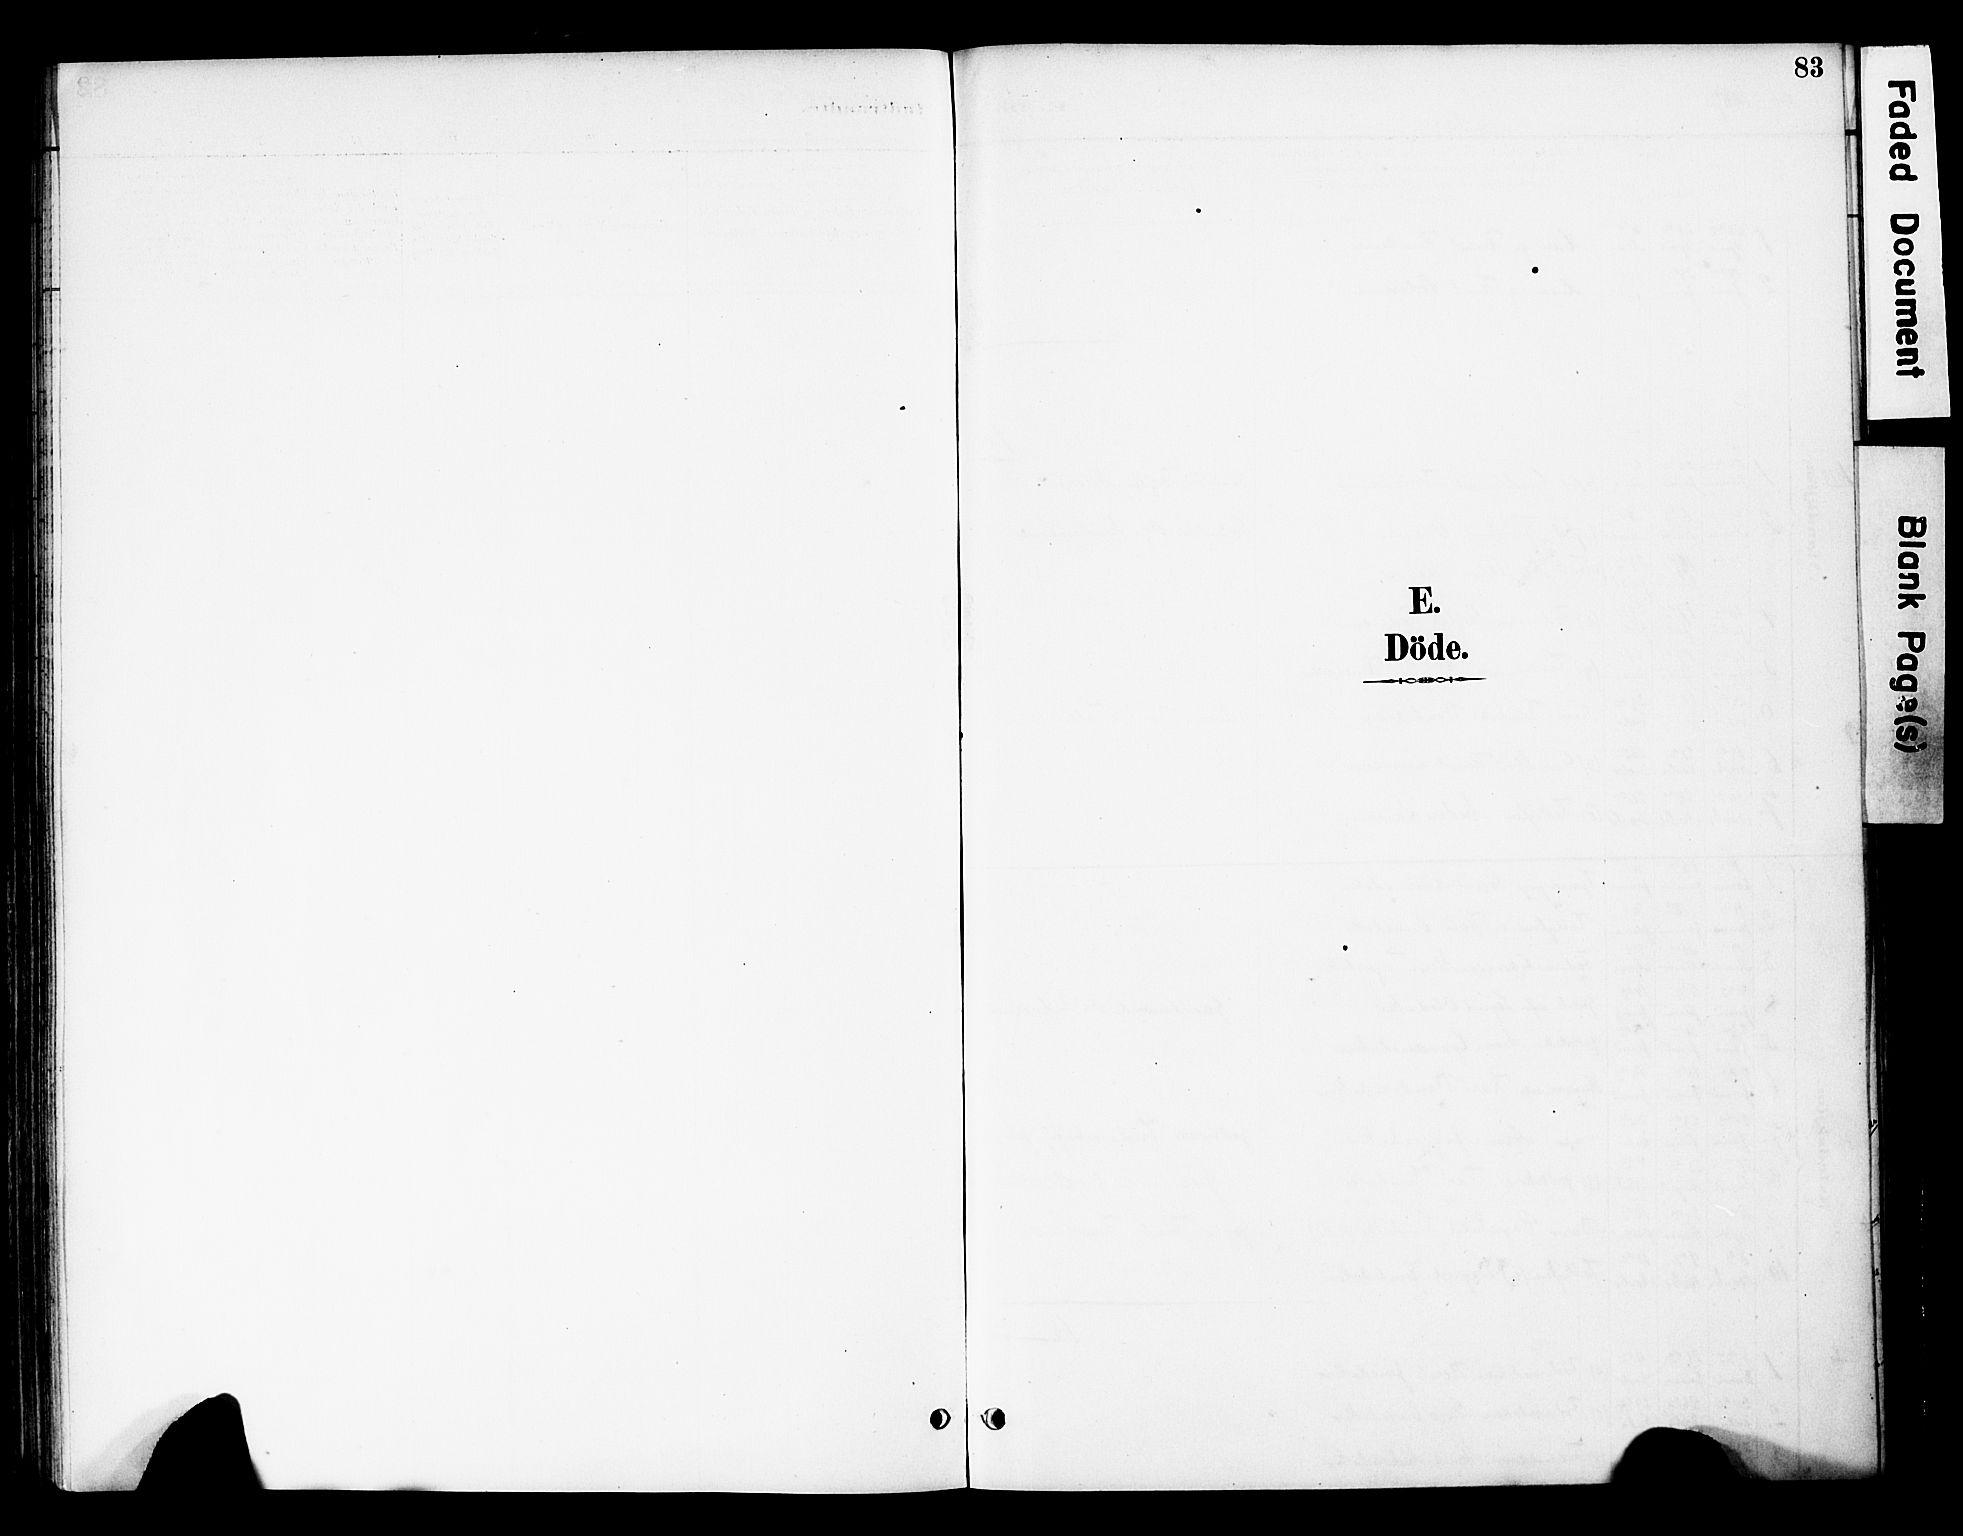 SAH, Øystre Slidre prestekontor, Ministerialbok nr. 3, 1887-1910, s. 83